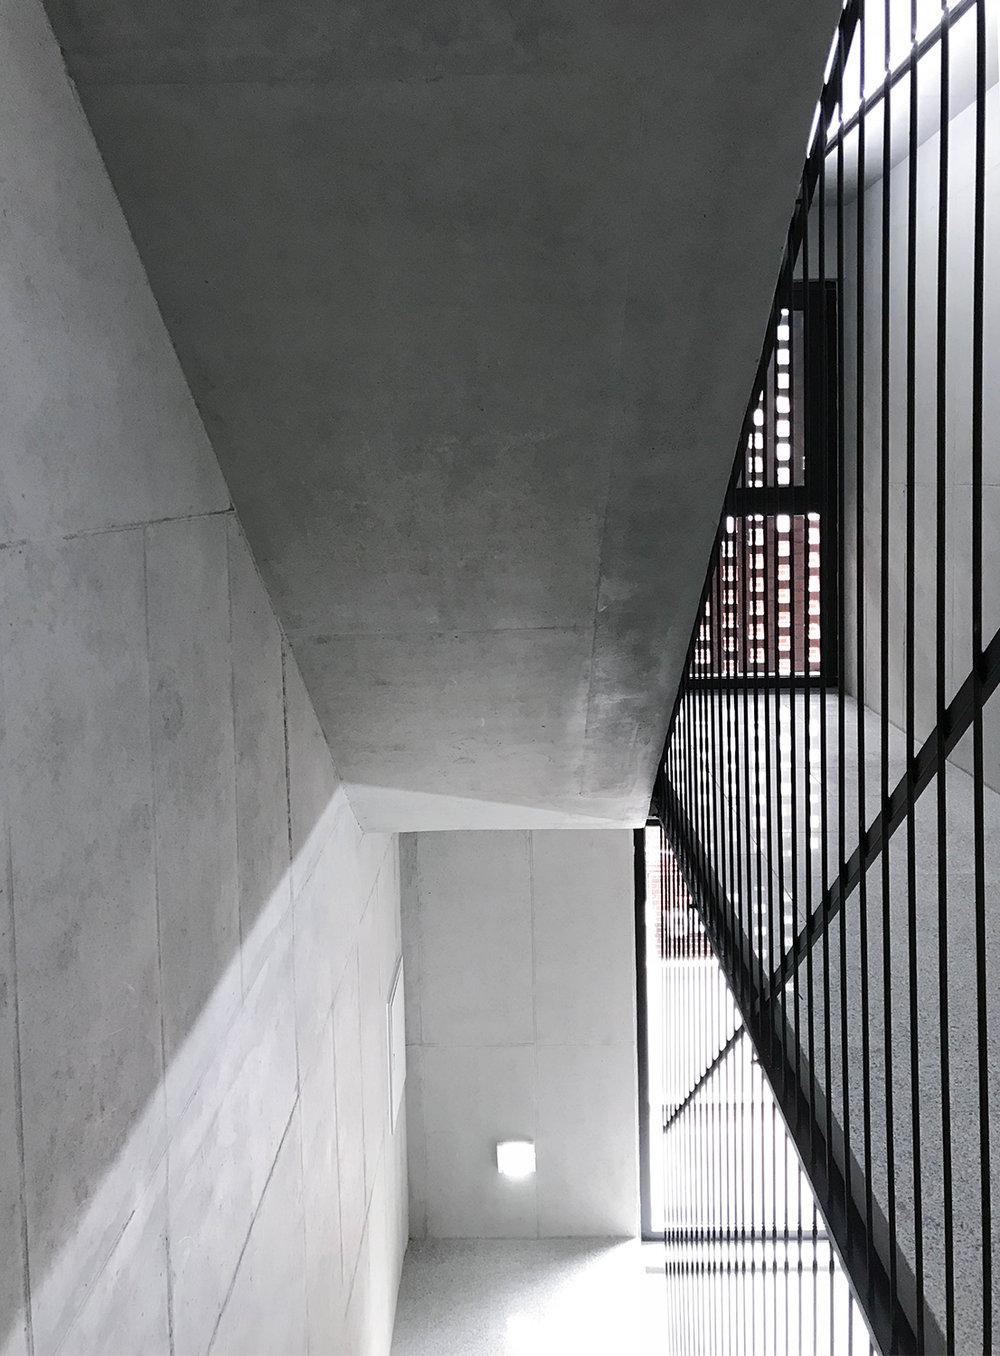 stair -3.jpg